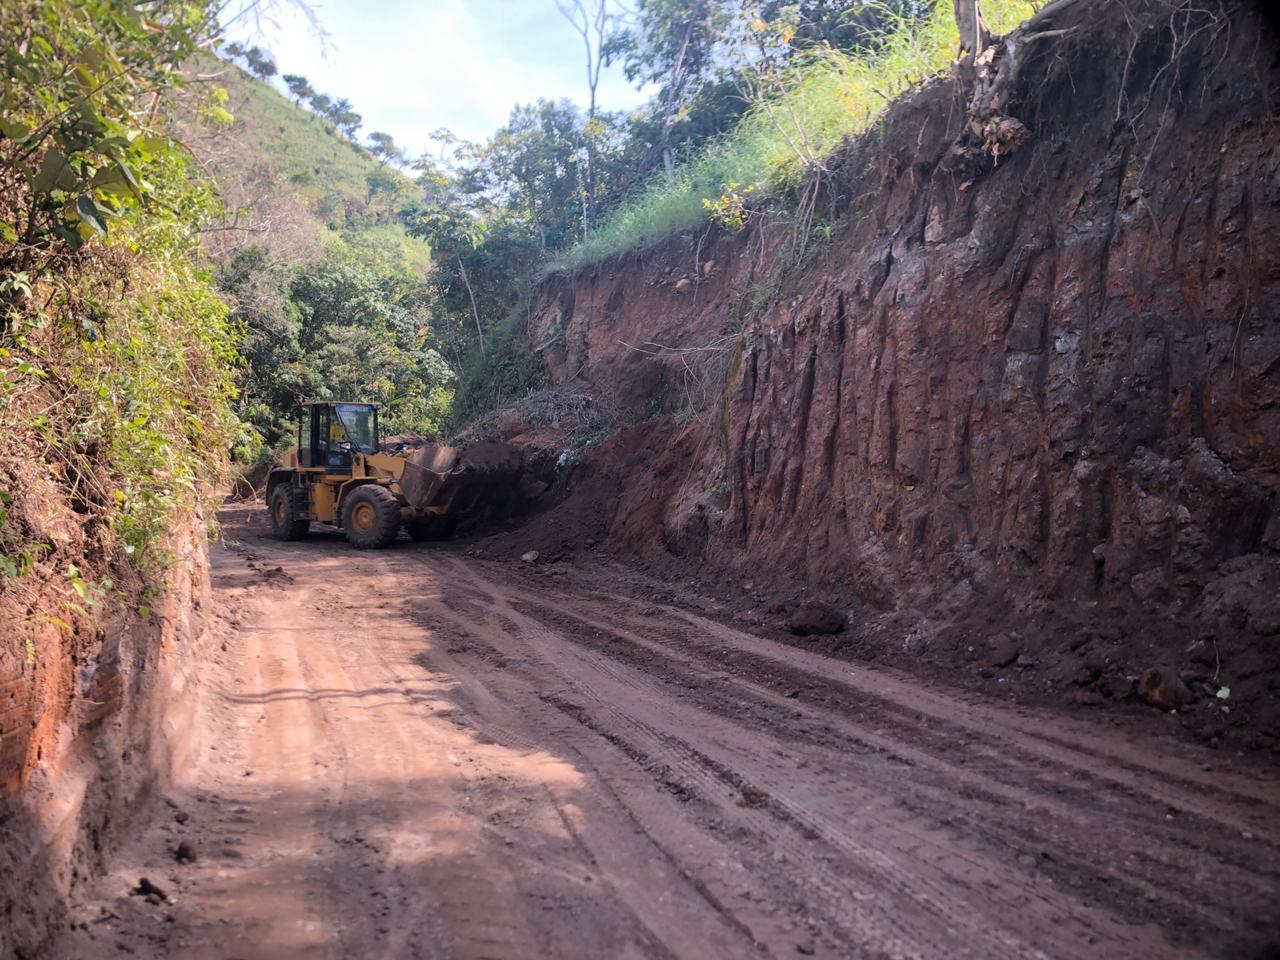 Técnicos de MOP y FOVIAL retiran escombros por desprendimiento de rocas en carretera a Los Chorros